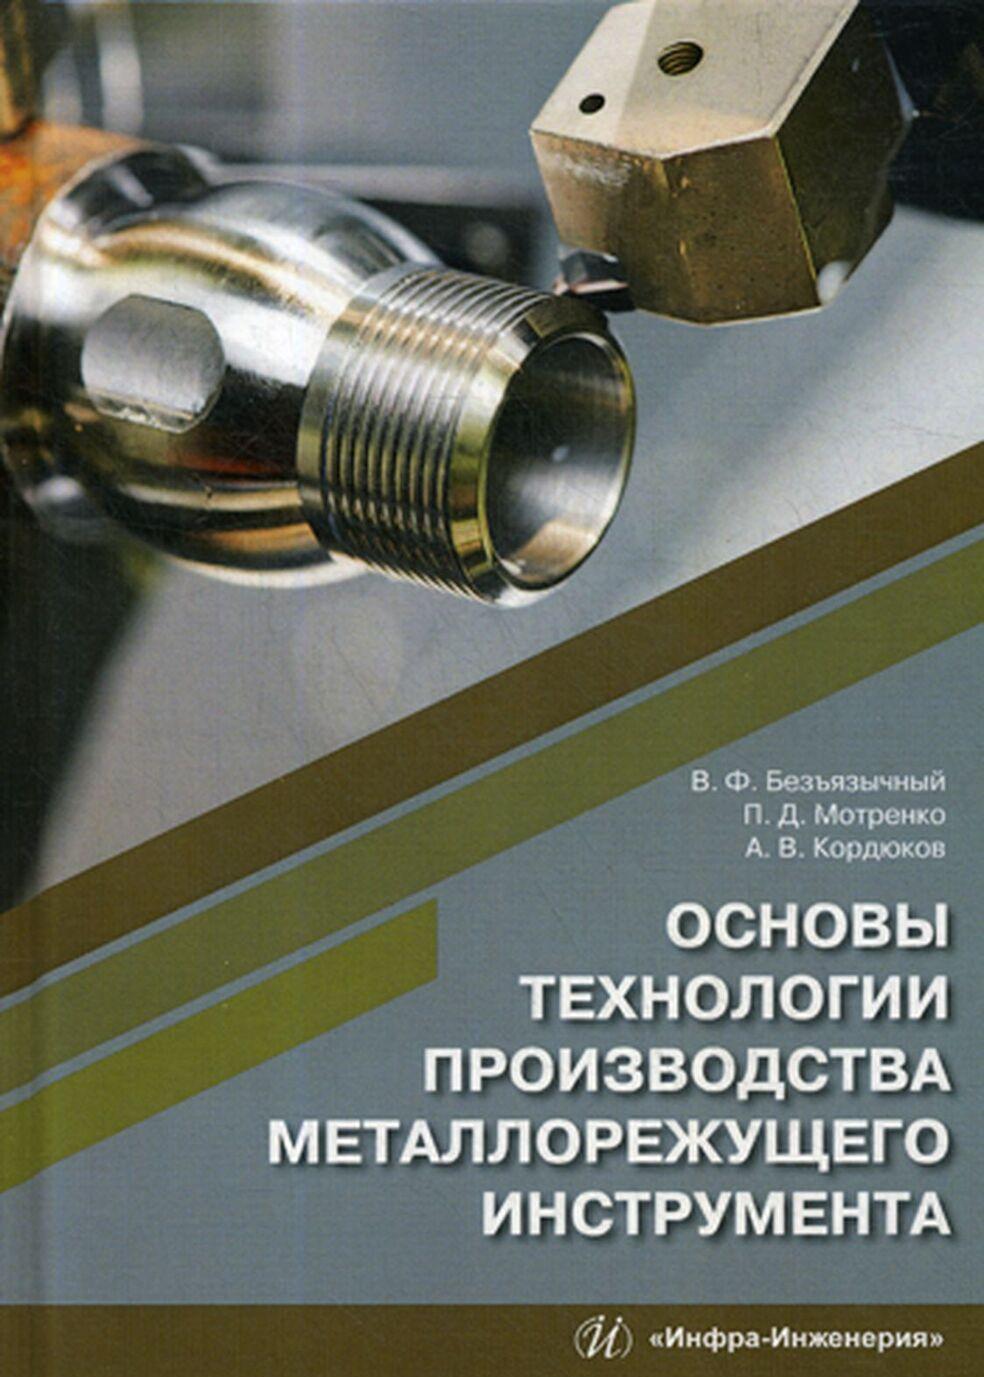 Osnovy tekhnologii proizvodstva metallorezhuschego instrumenta. Uchebnoe posobie